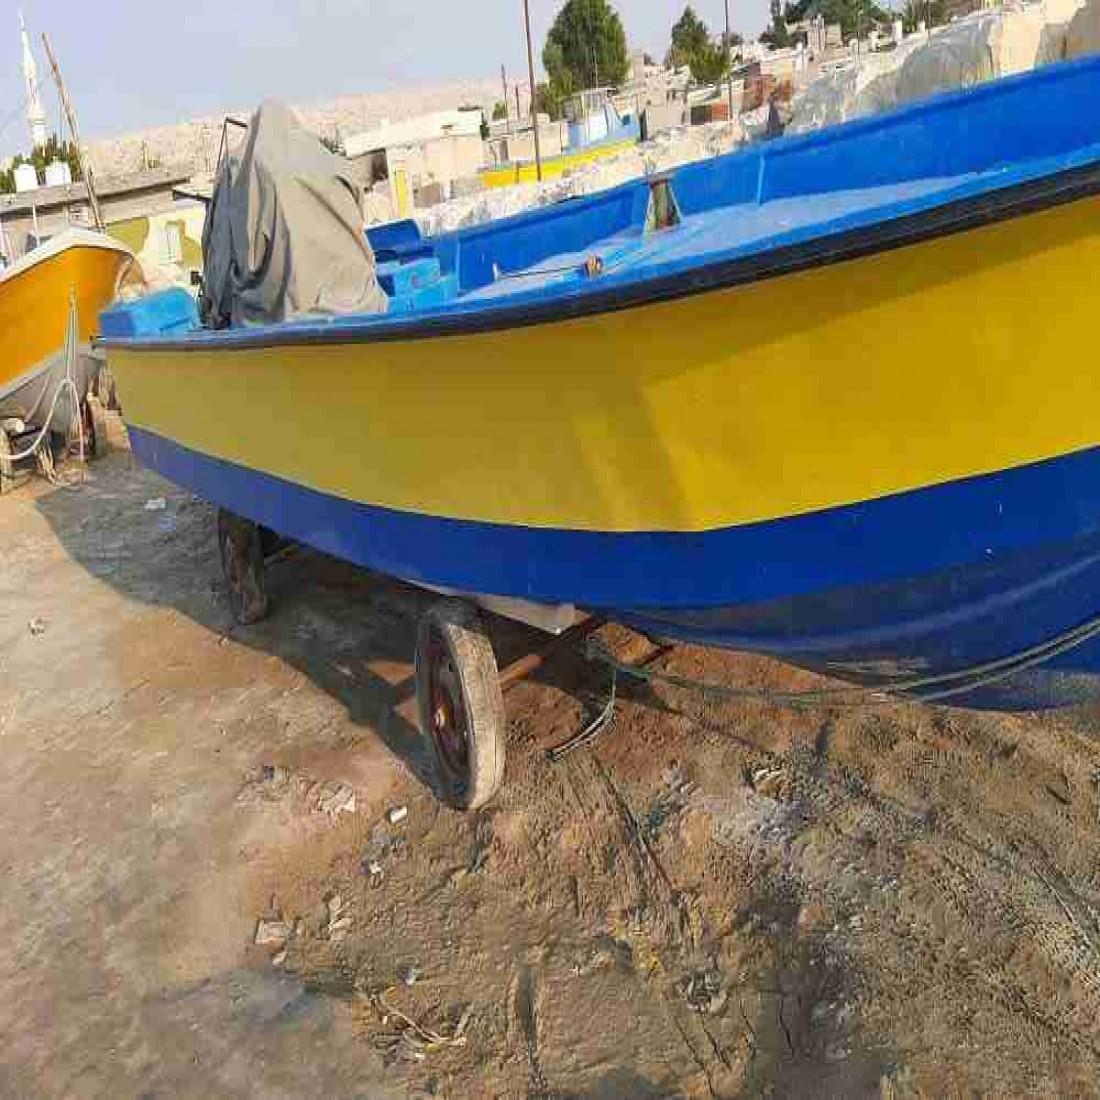 فروش قایق ۲۷ فوت دیری